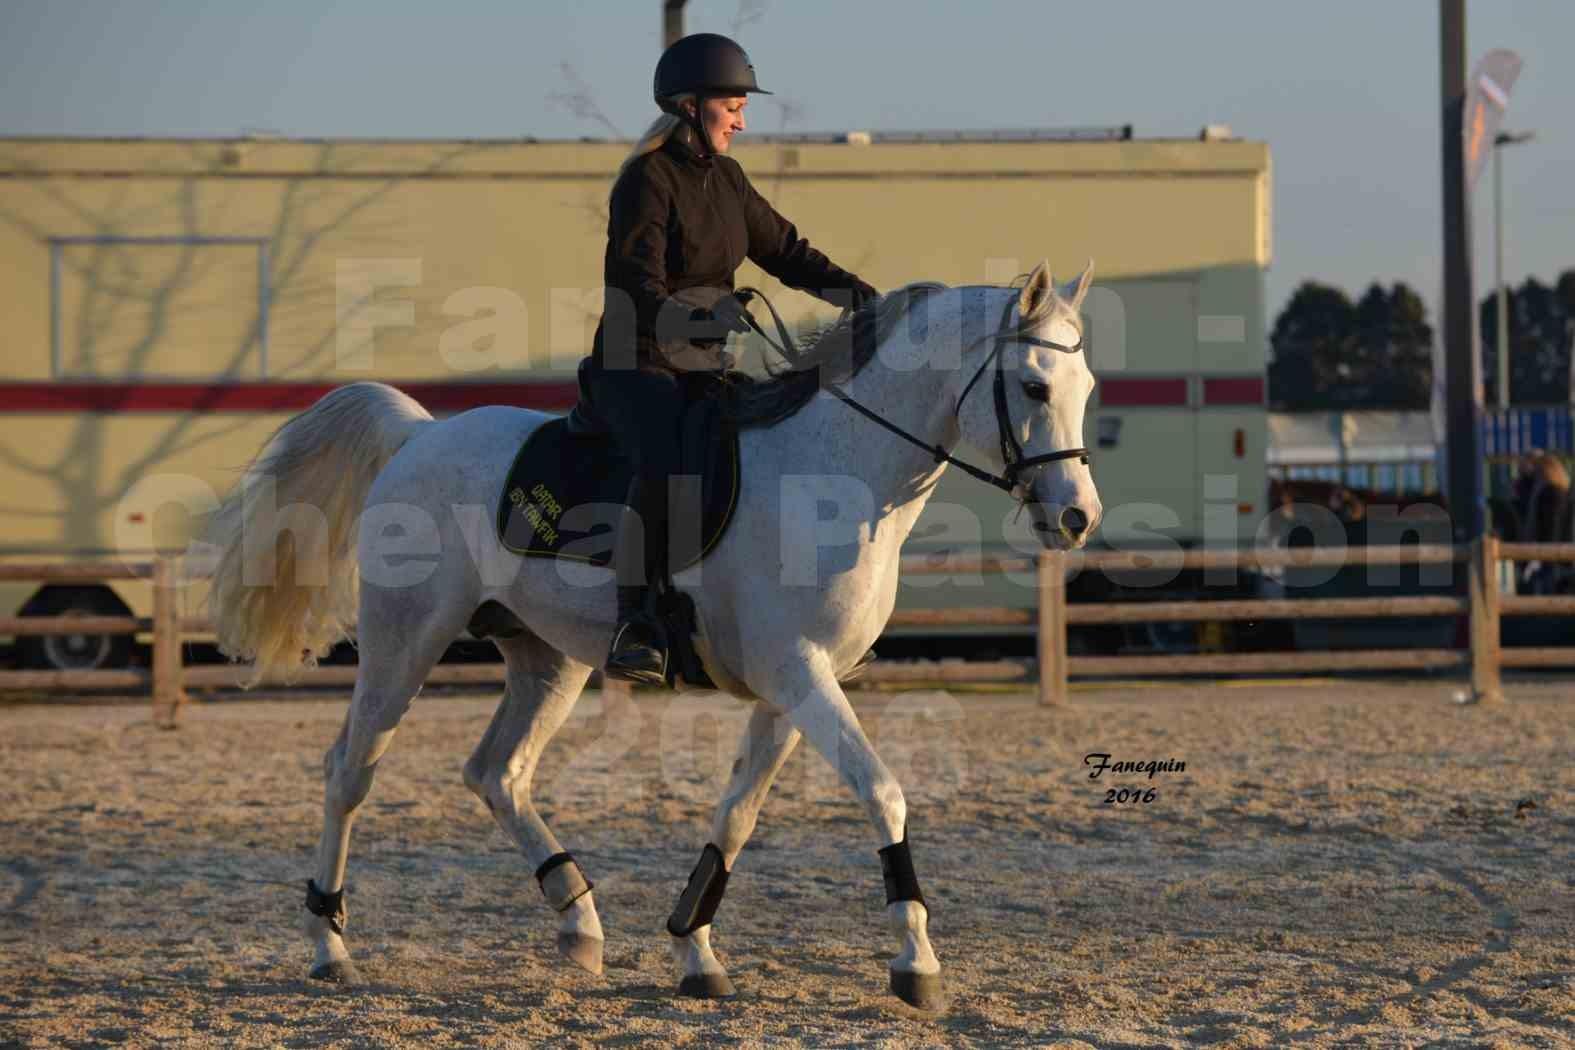 Cheval Passion 2016 - Présentation extérieure de chevaux Arabes montés - 13